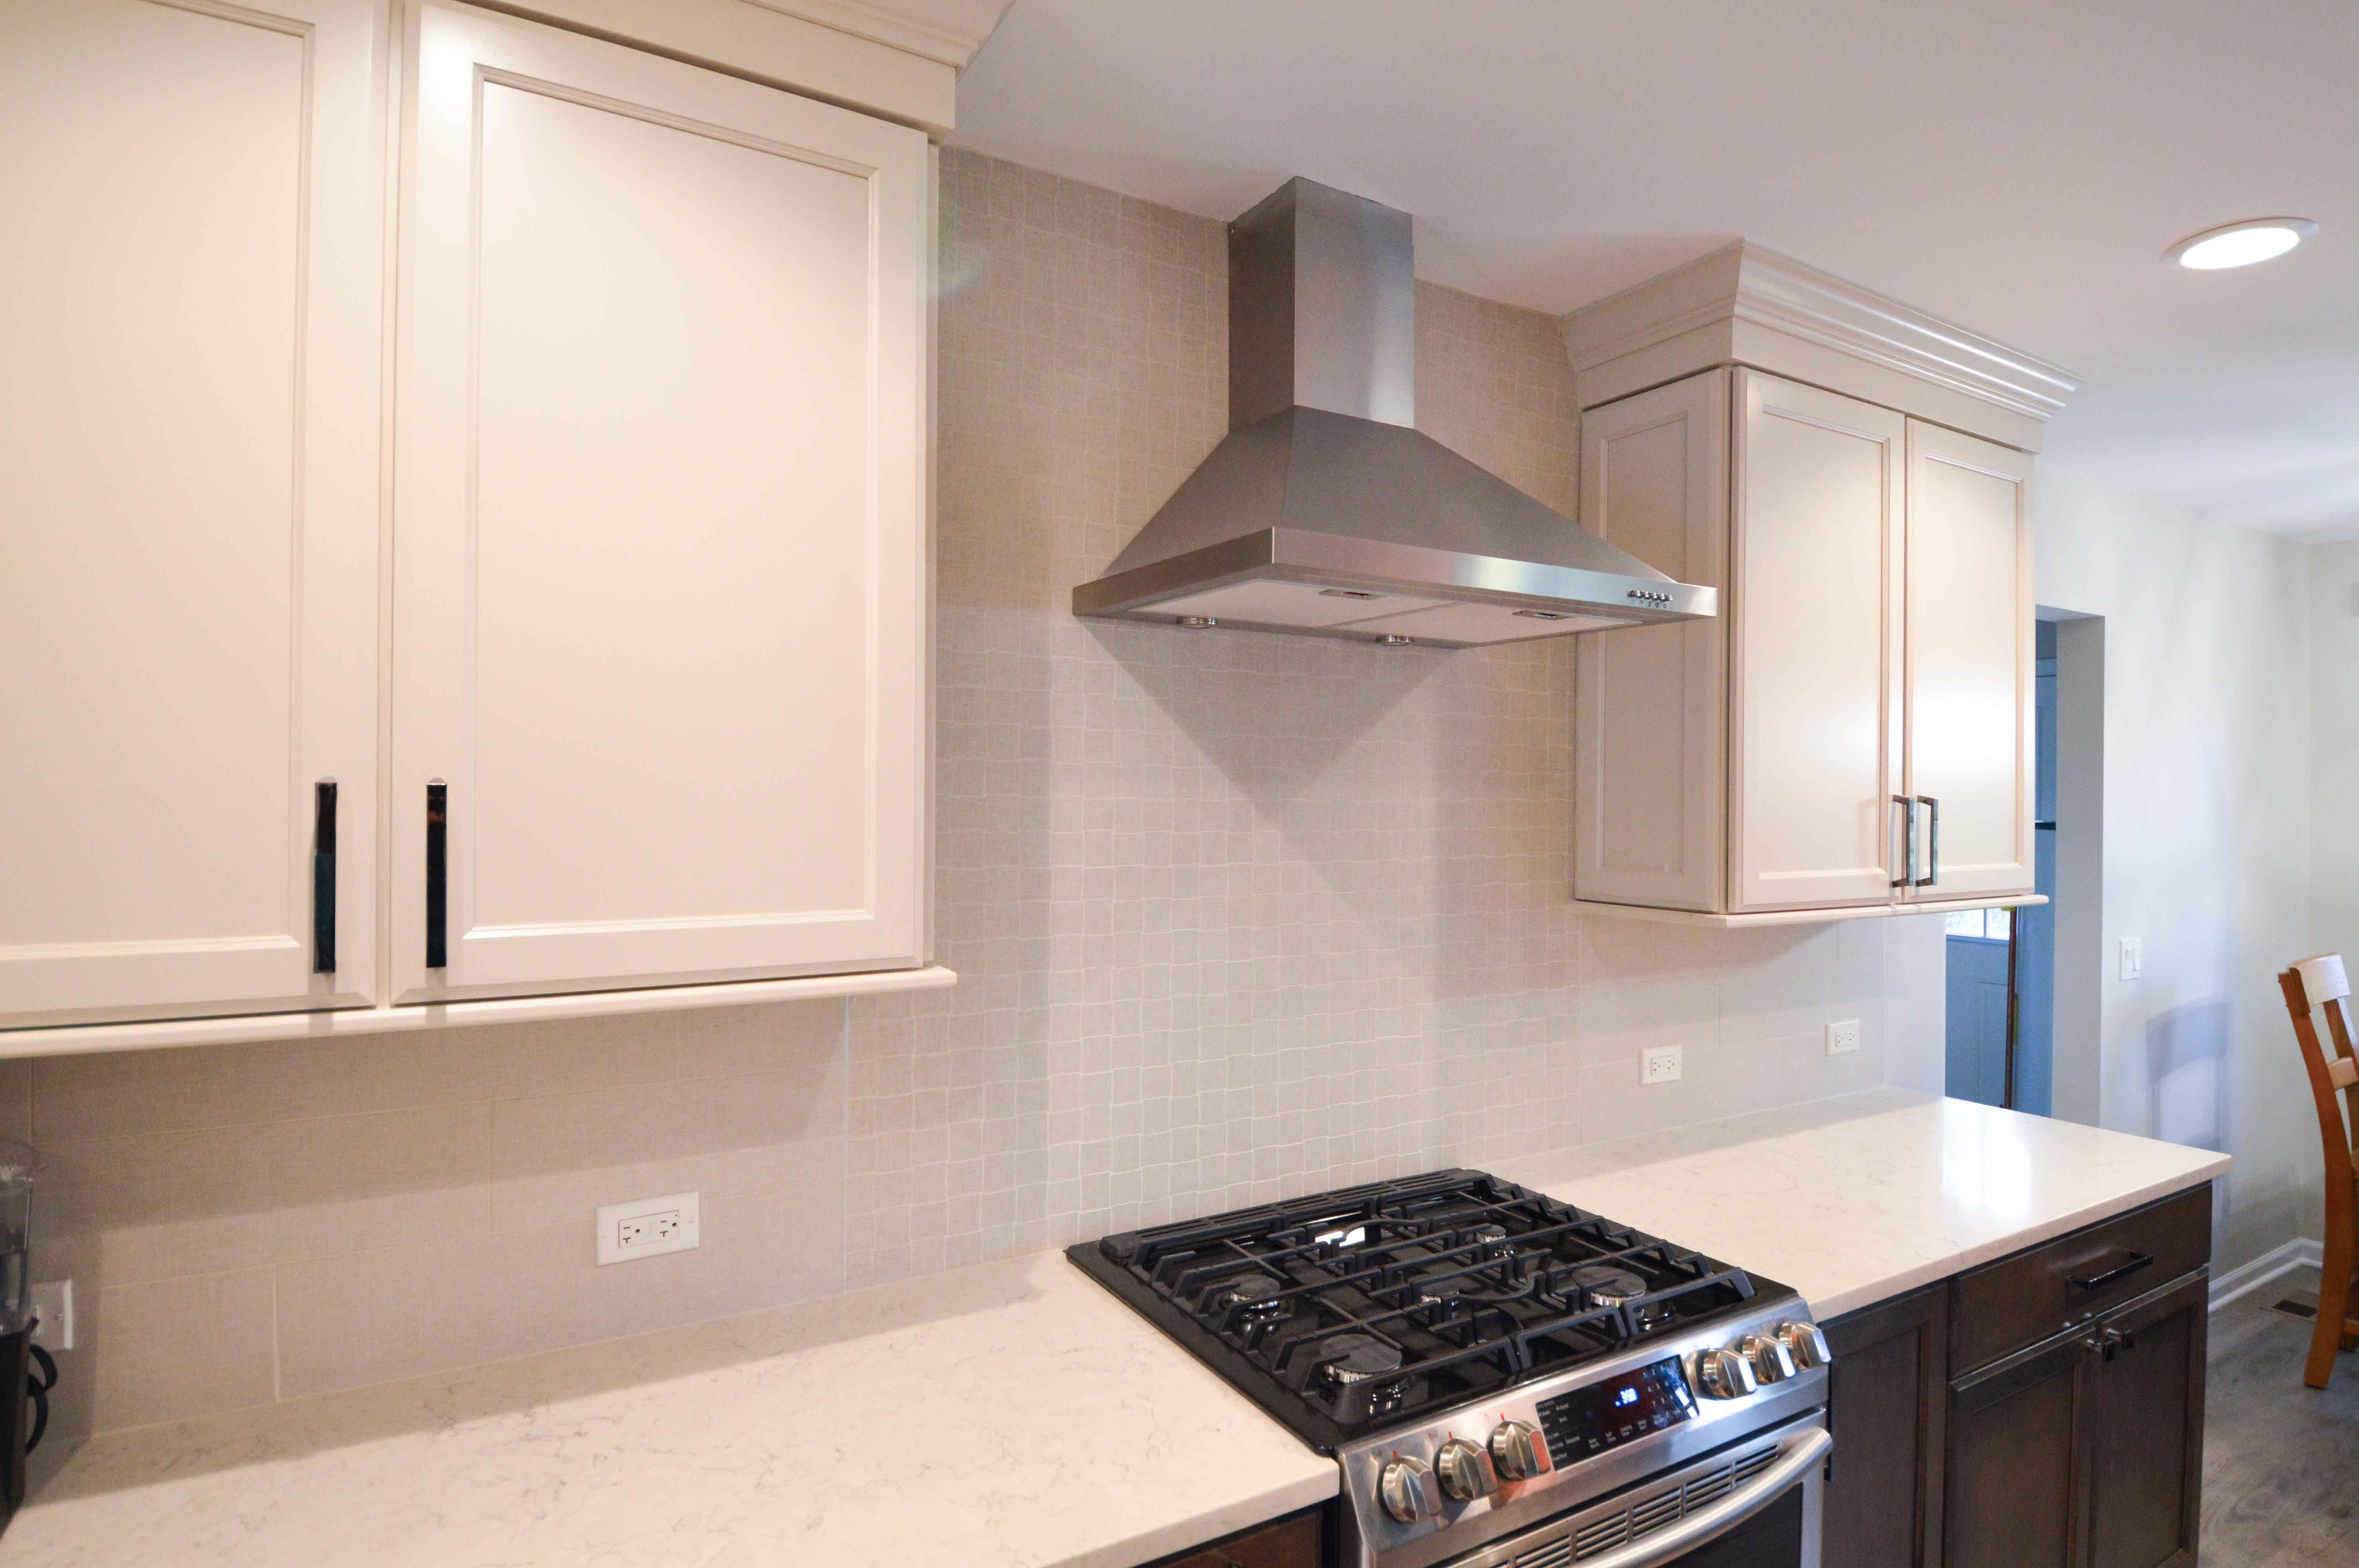 Stainless Steel Ventilation Hood In 2020 Kitchen Masculine Kitchen Brown Cabinets